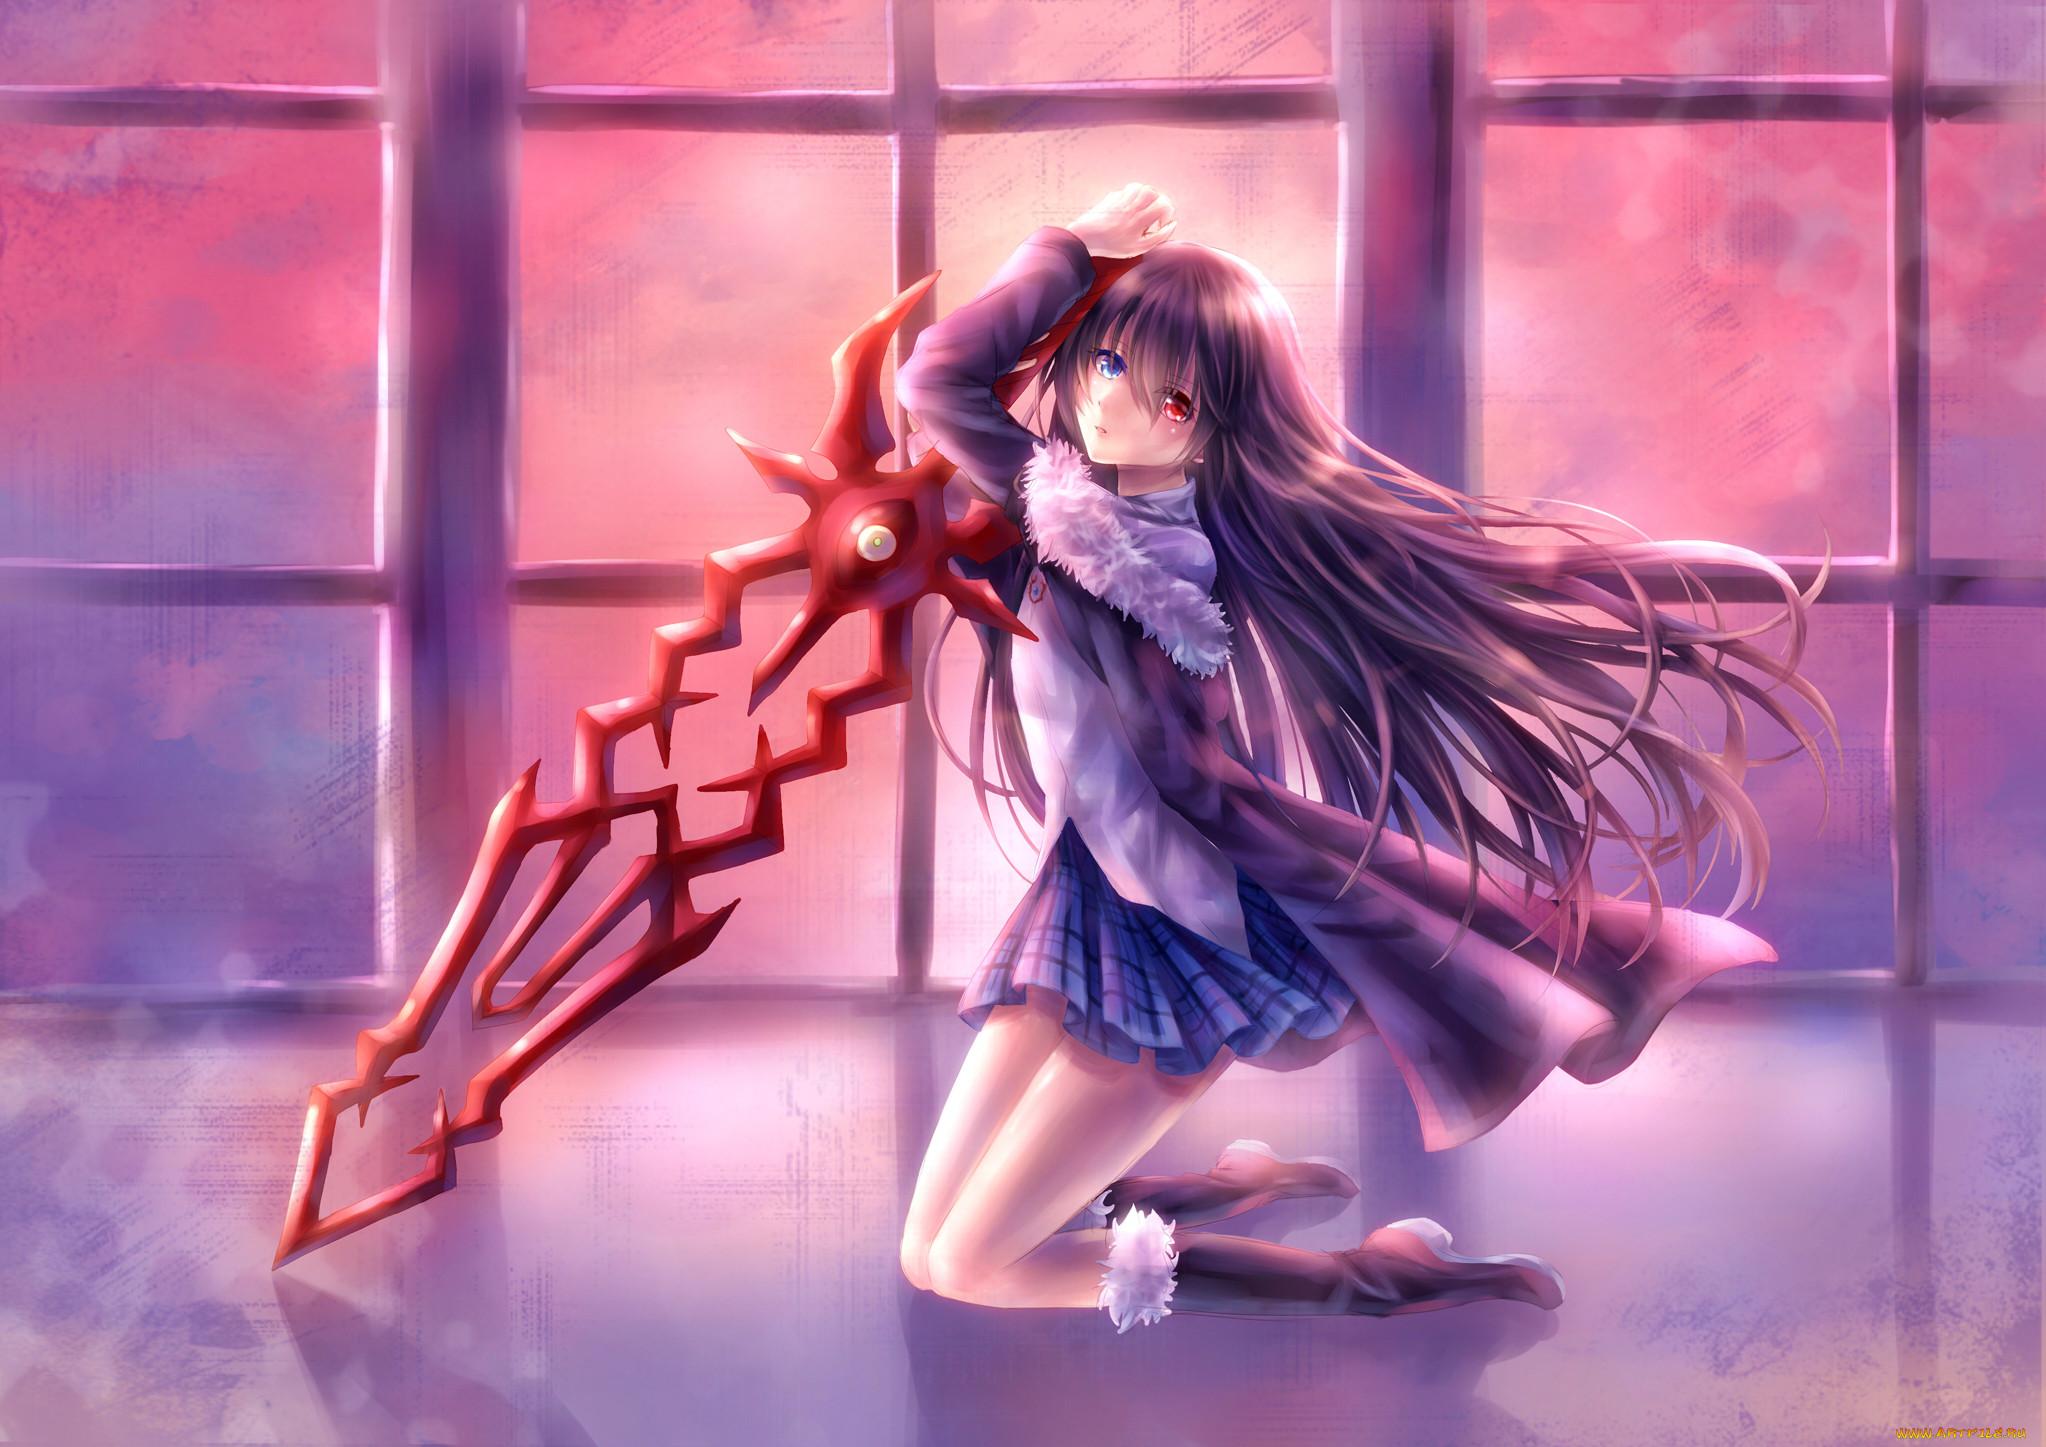 Смотреть картинки аниме девушек с мечами